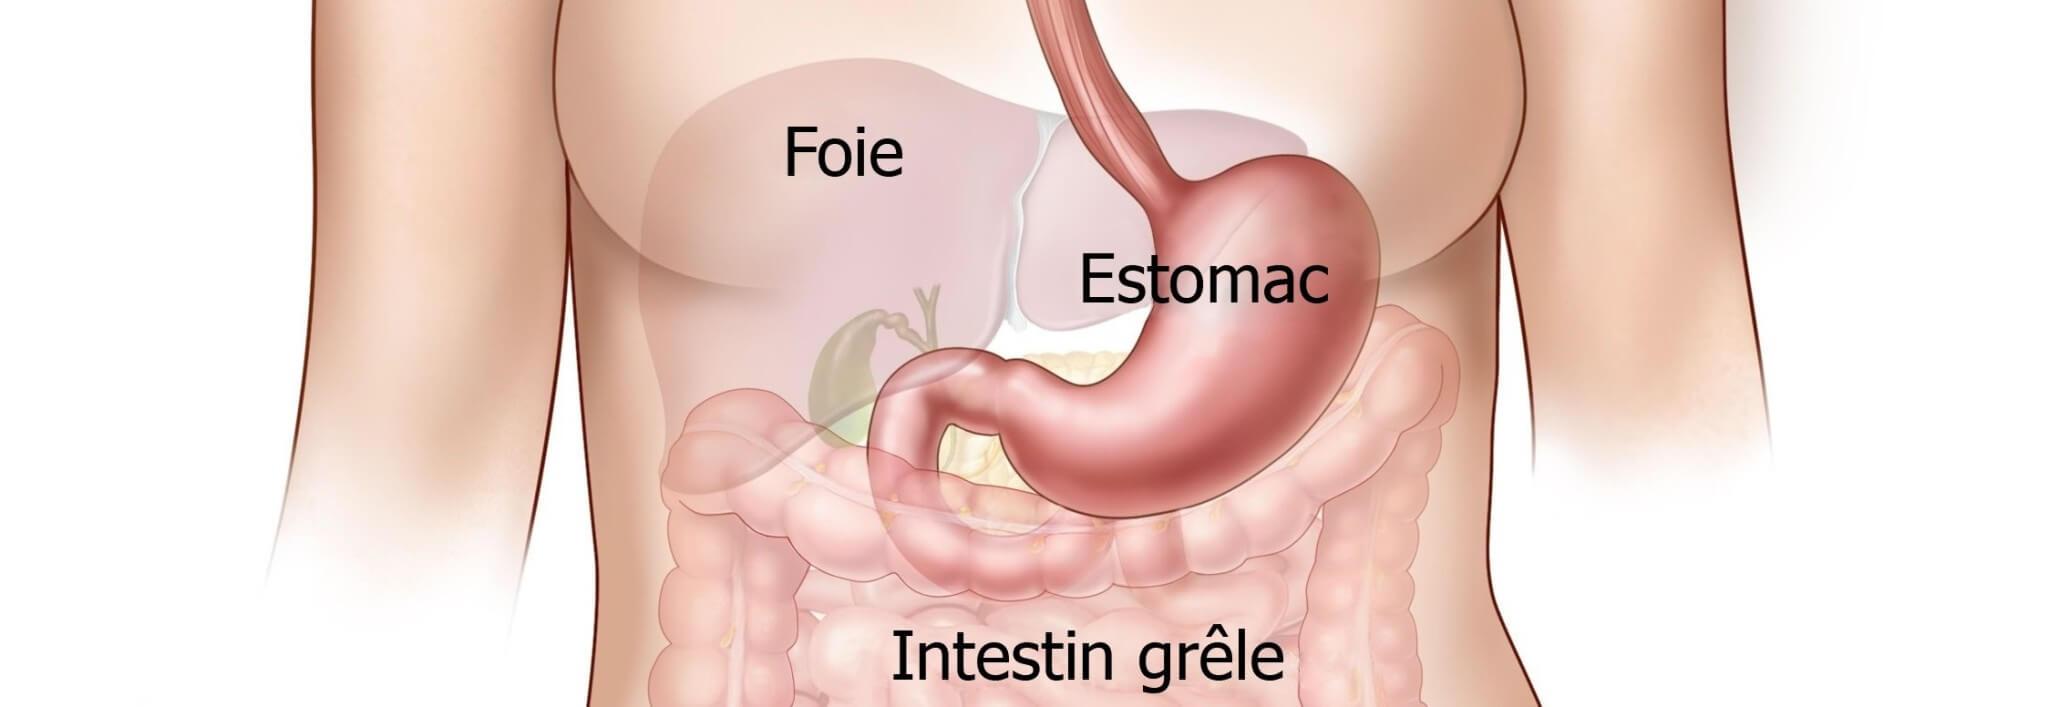 L'Estomac